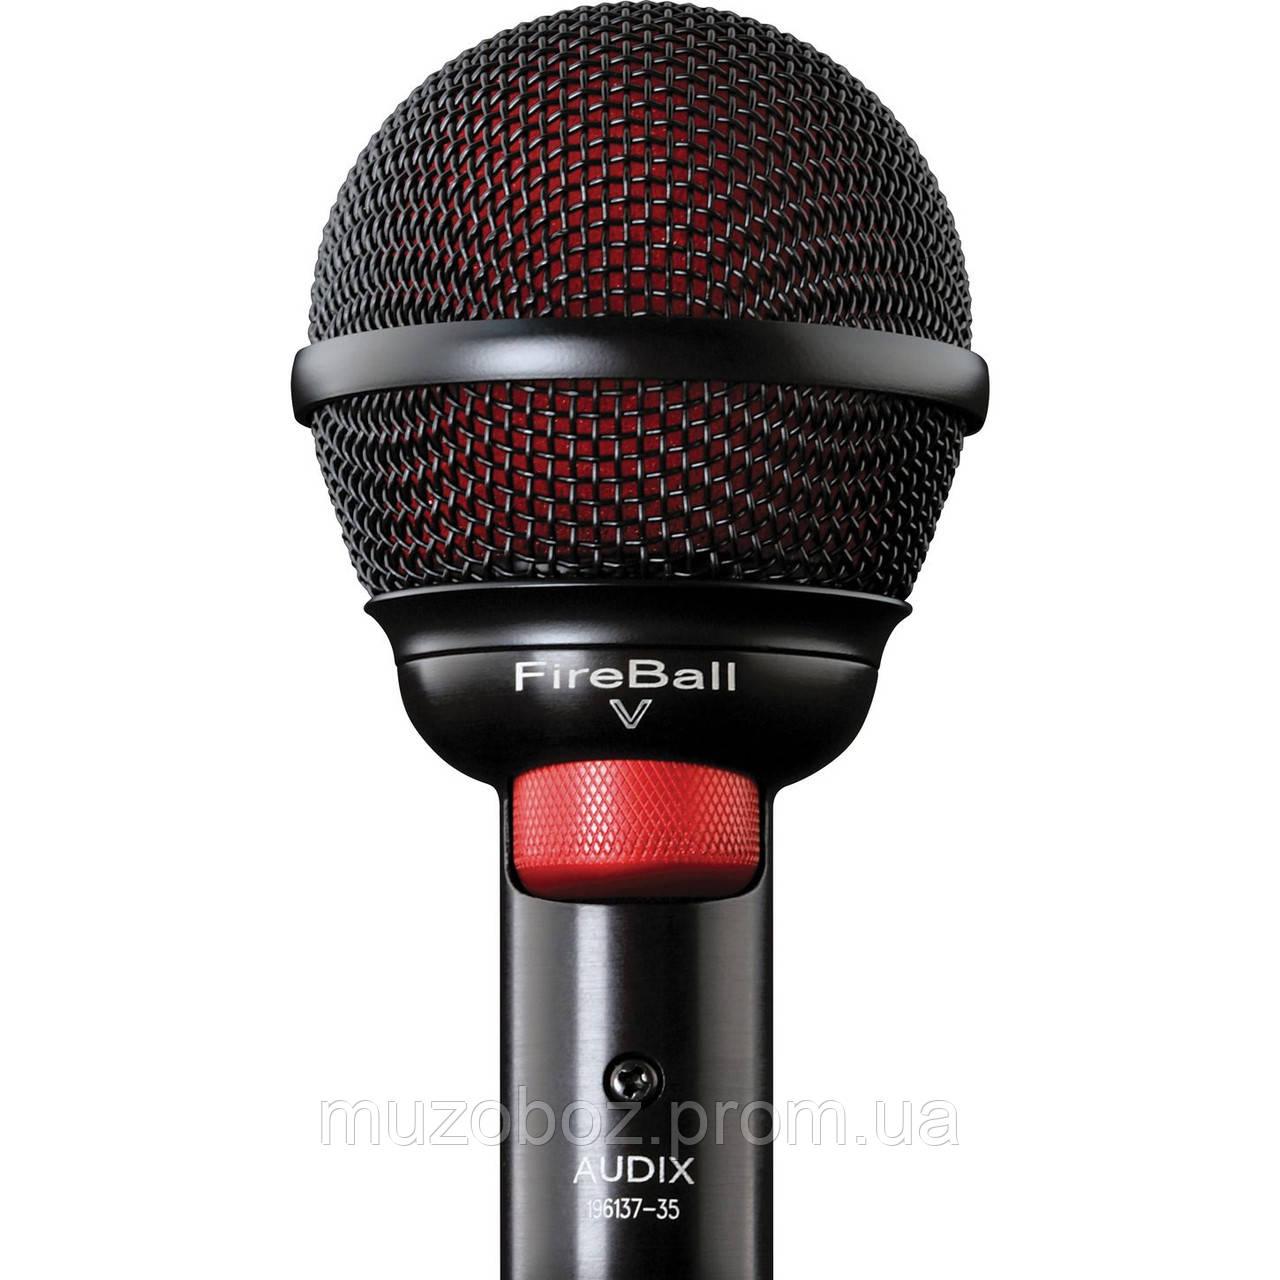 Audix Fireball V микрофон для губной гармошки